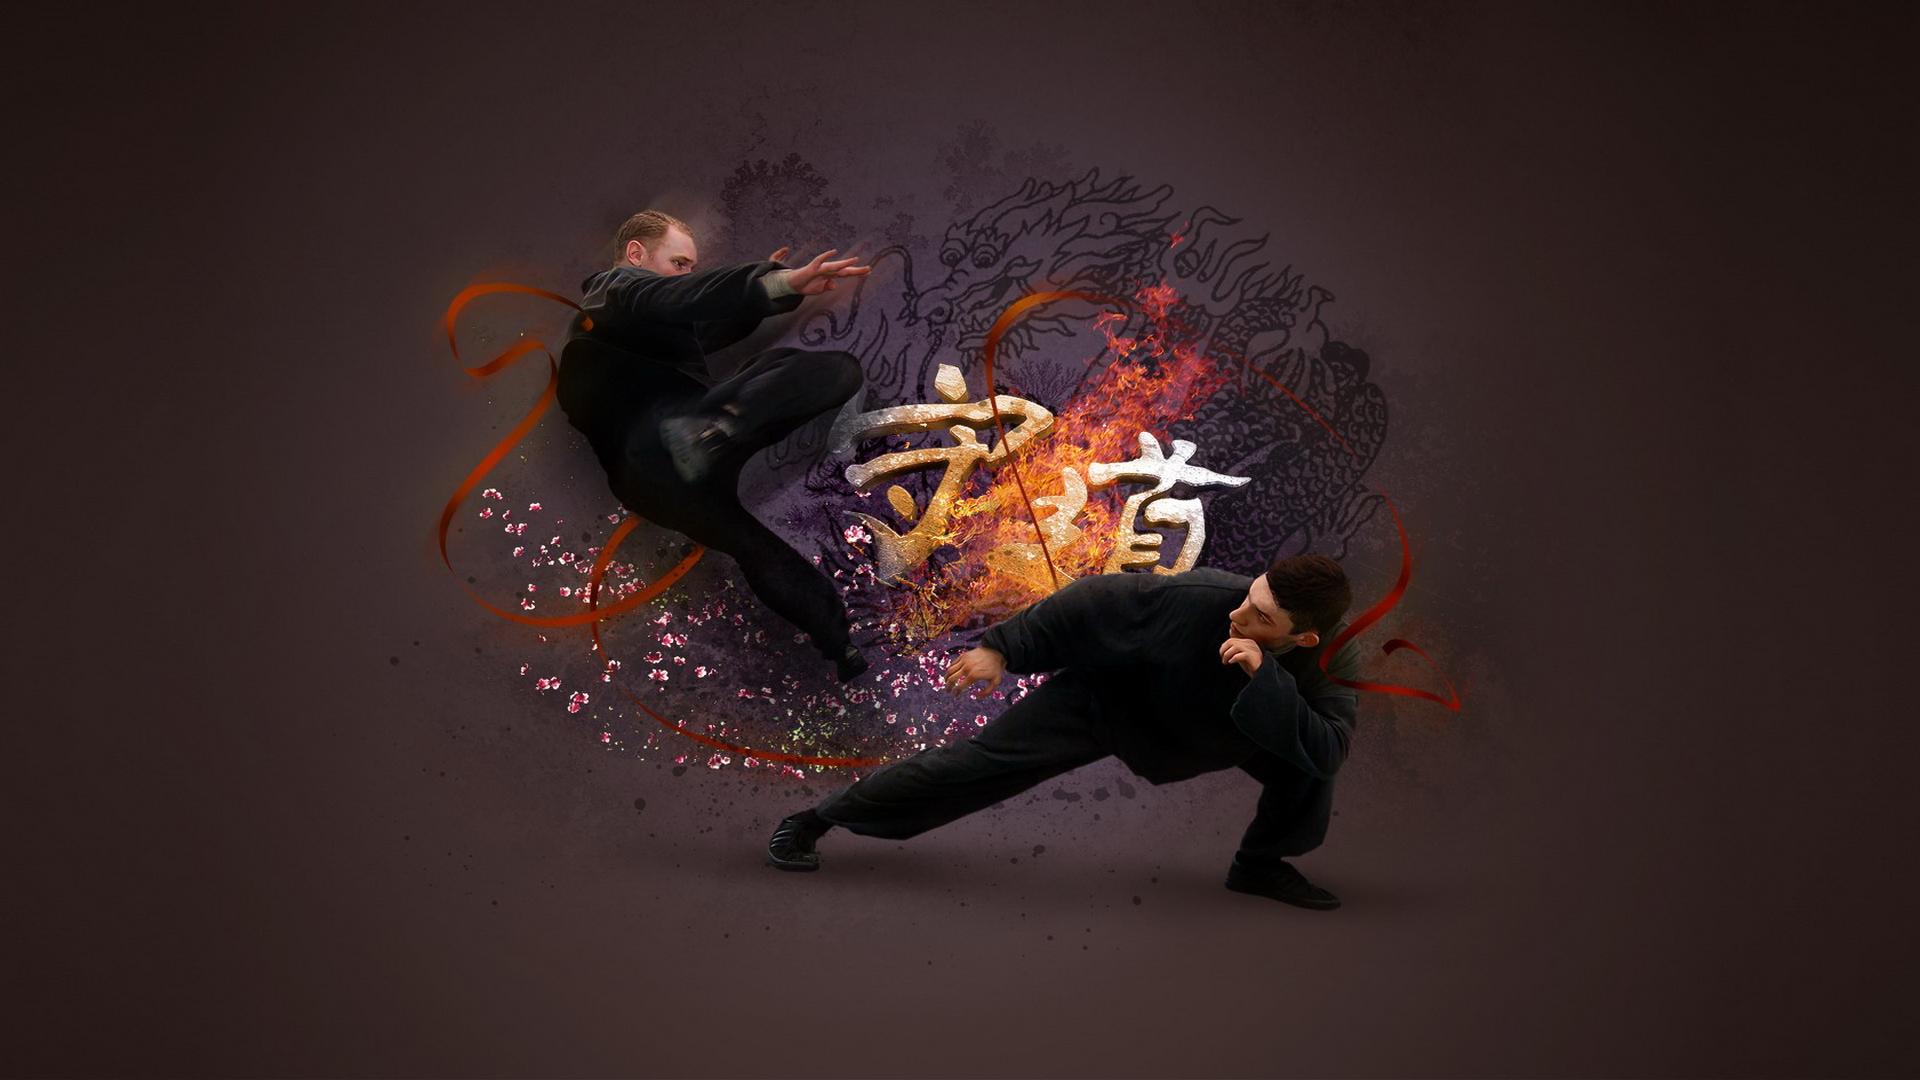 Free Download Martial Arts Wallpaper 13 Hd Desktop